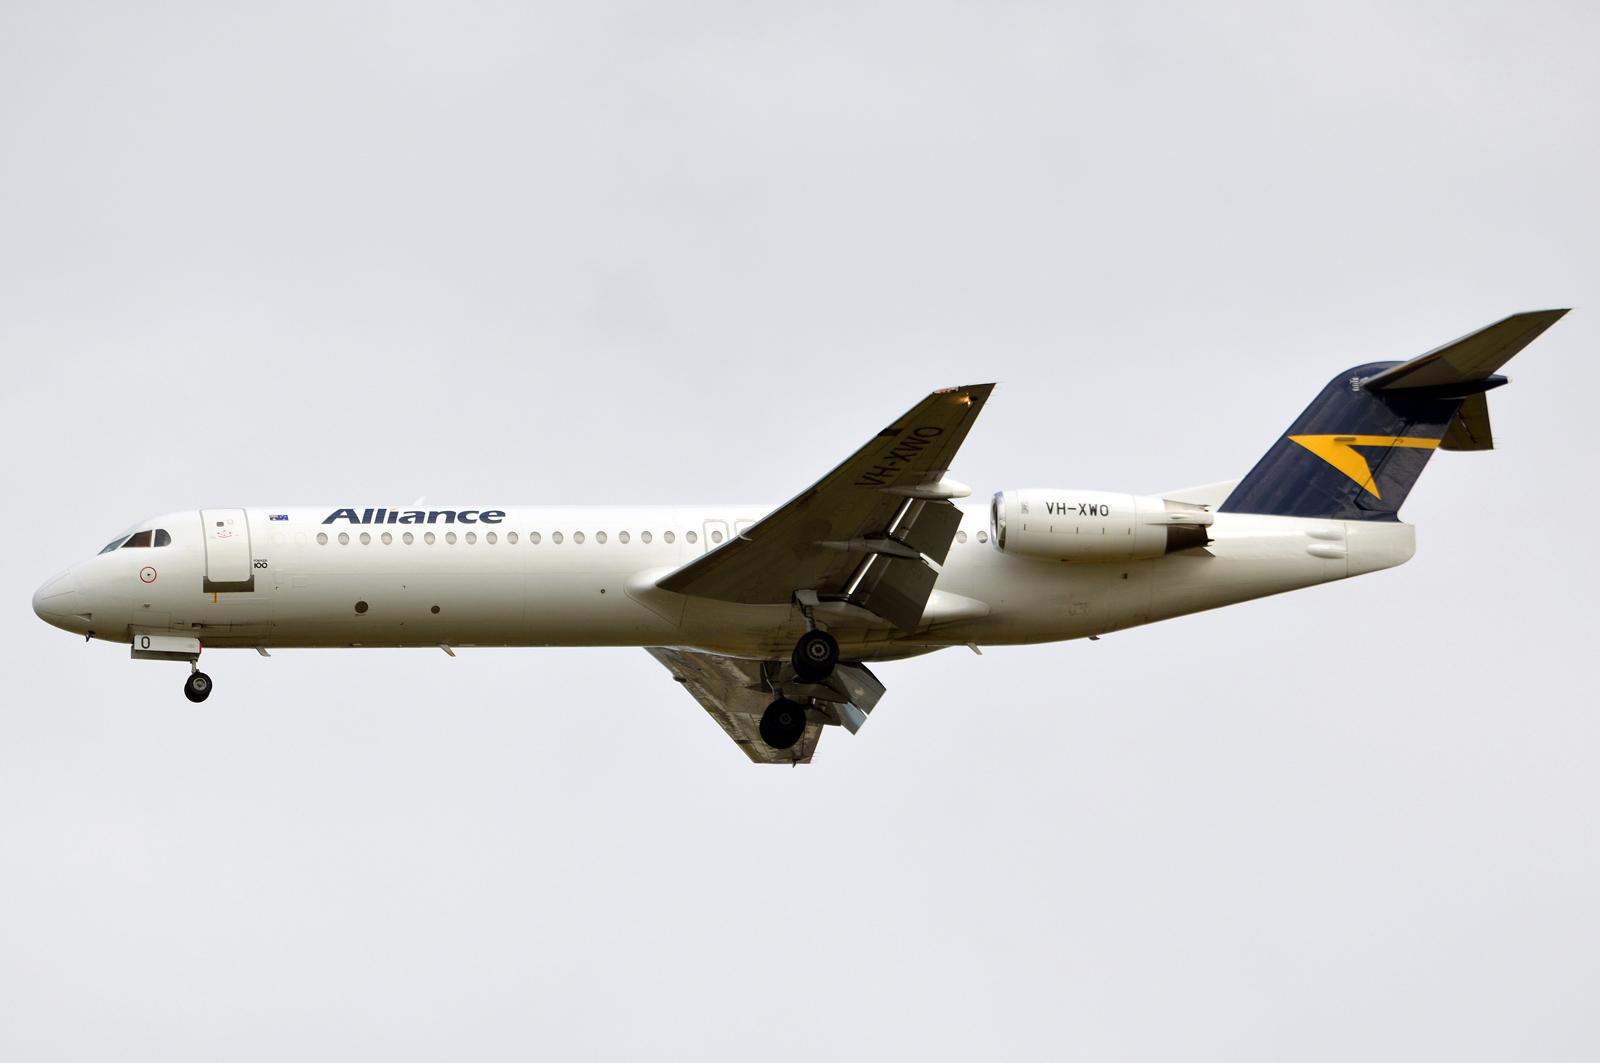 Central Queensland Plane Spotting: Alliance Airlines Fokker F-100 VH